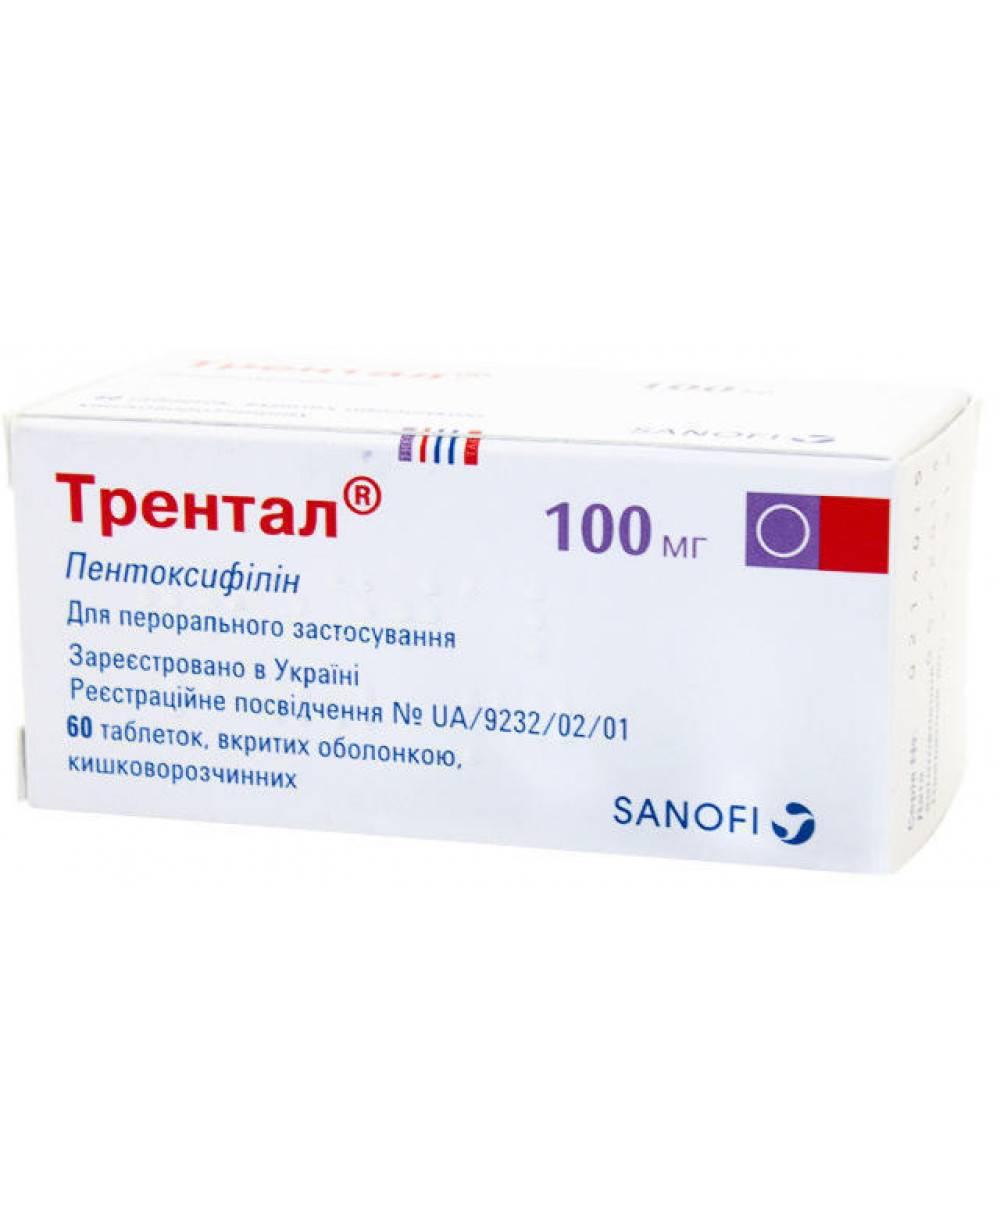 Когда показан препарат трентал, как его правильно принимать и чем можно заменить?